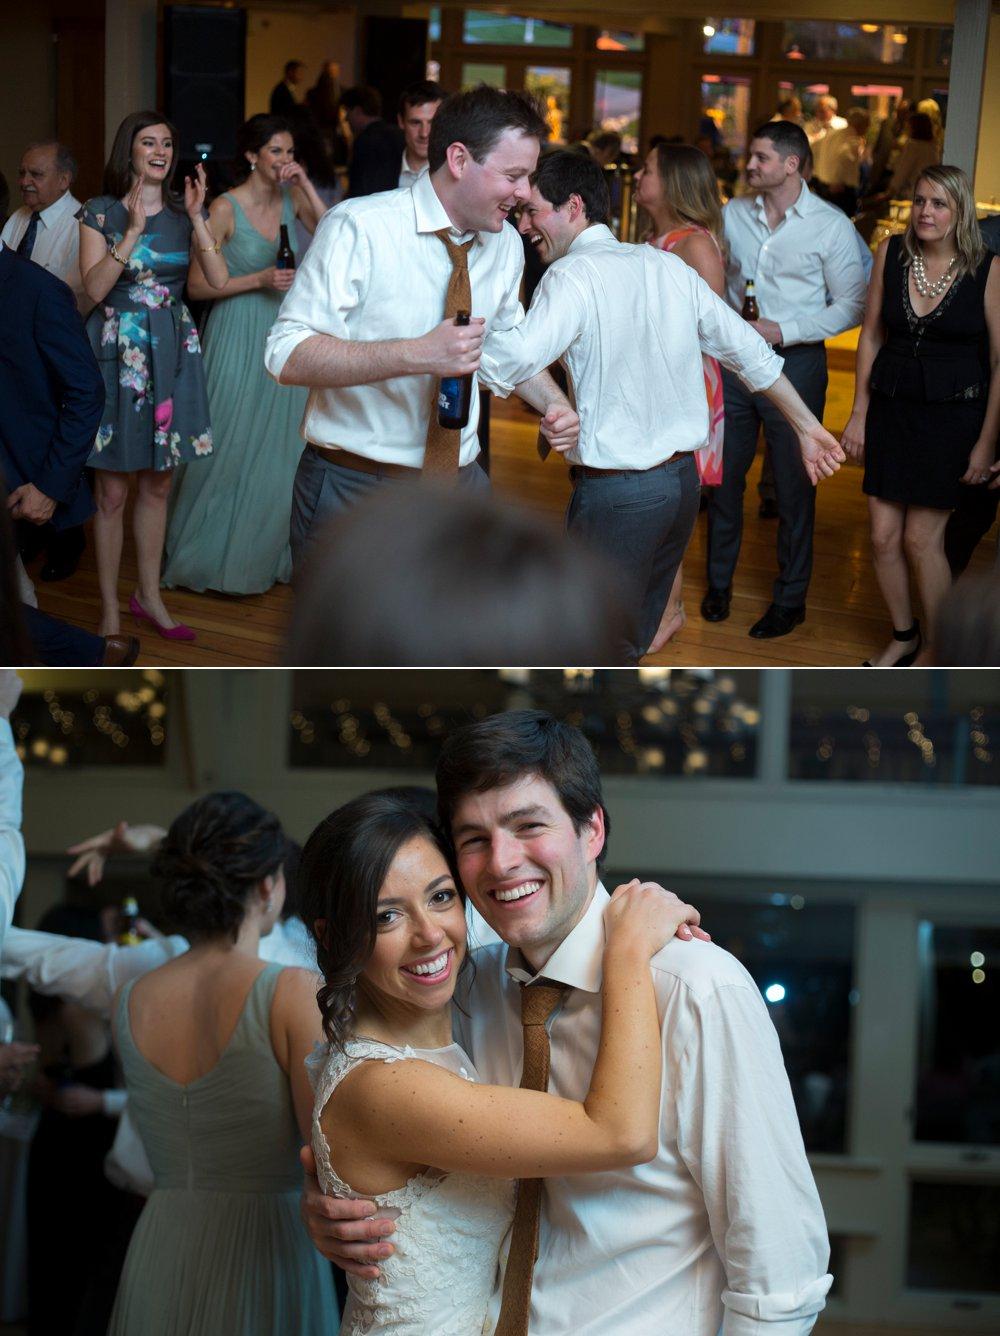 SomerbyJonesPhotography_WarrenConferenceCenterWedding_BostonCollegeWedding_0054.jpg